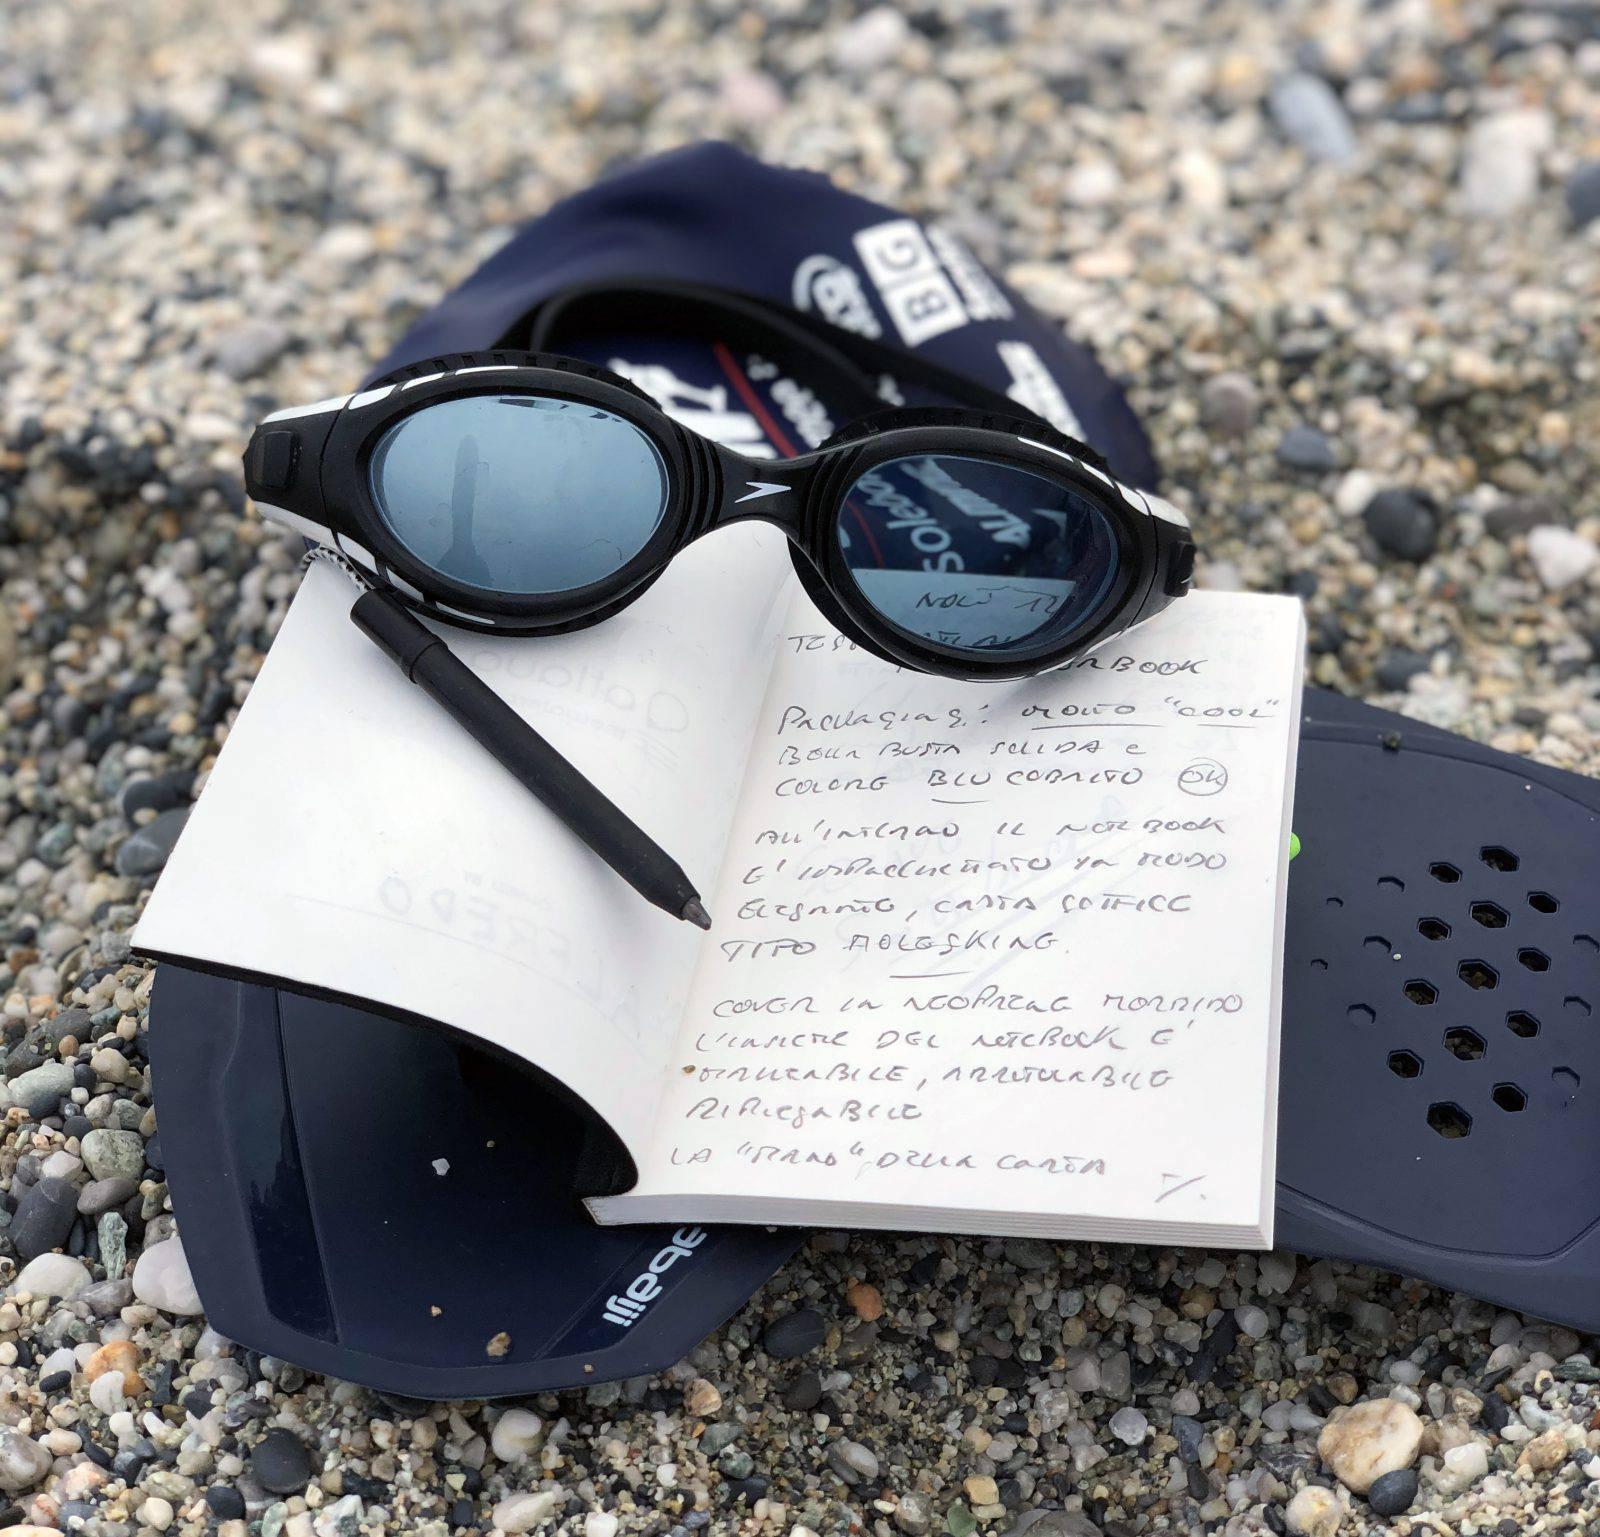 Fuori o dentro l'acqua con il taccuino Atlaua Waterproof Notebook prendi appunti senza difficoltà